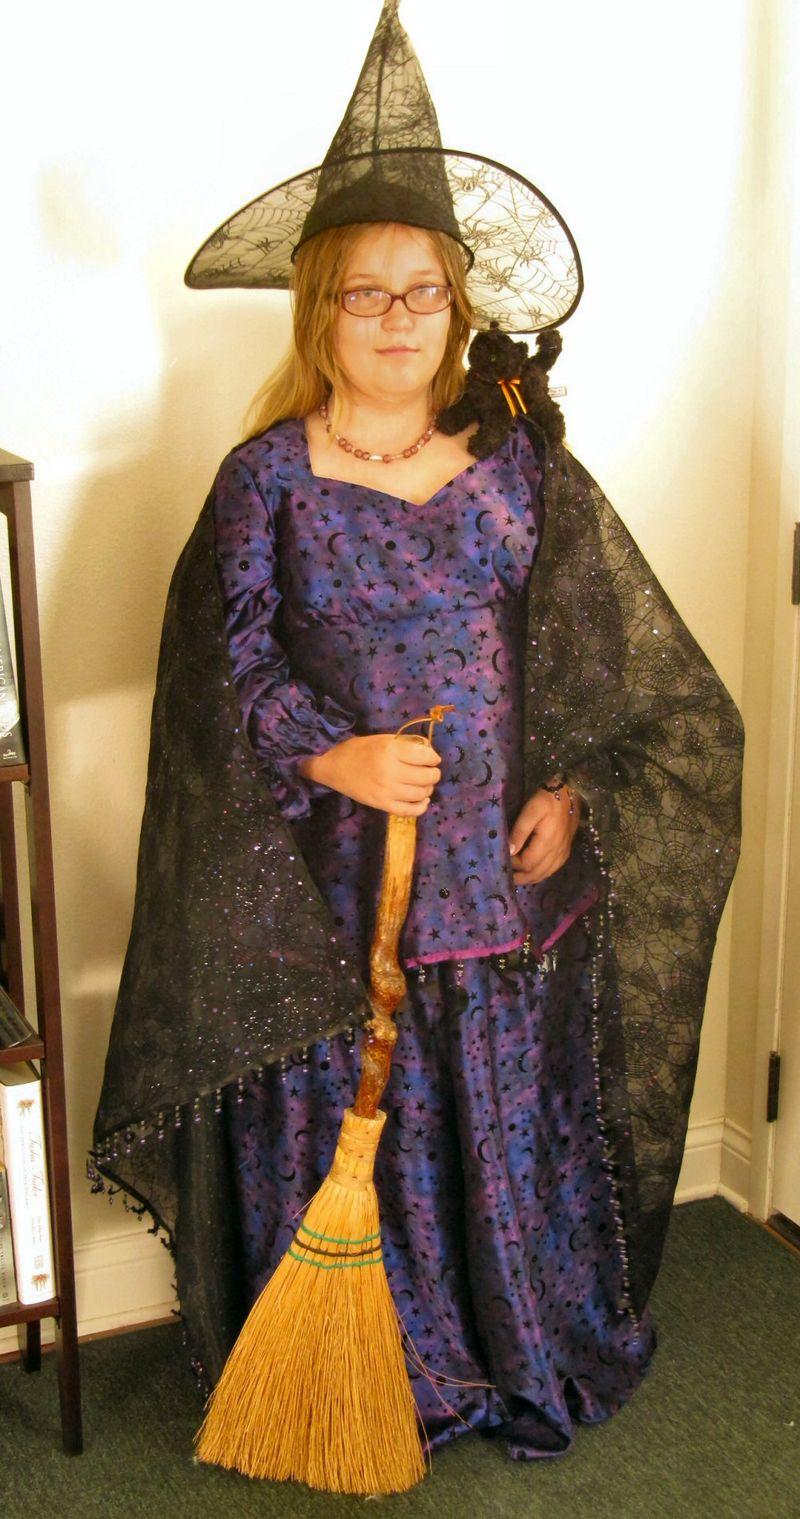 Megan_in_costume